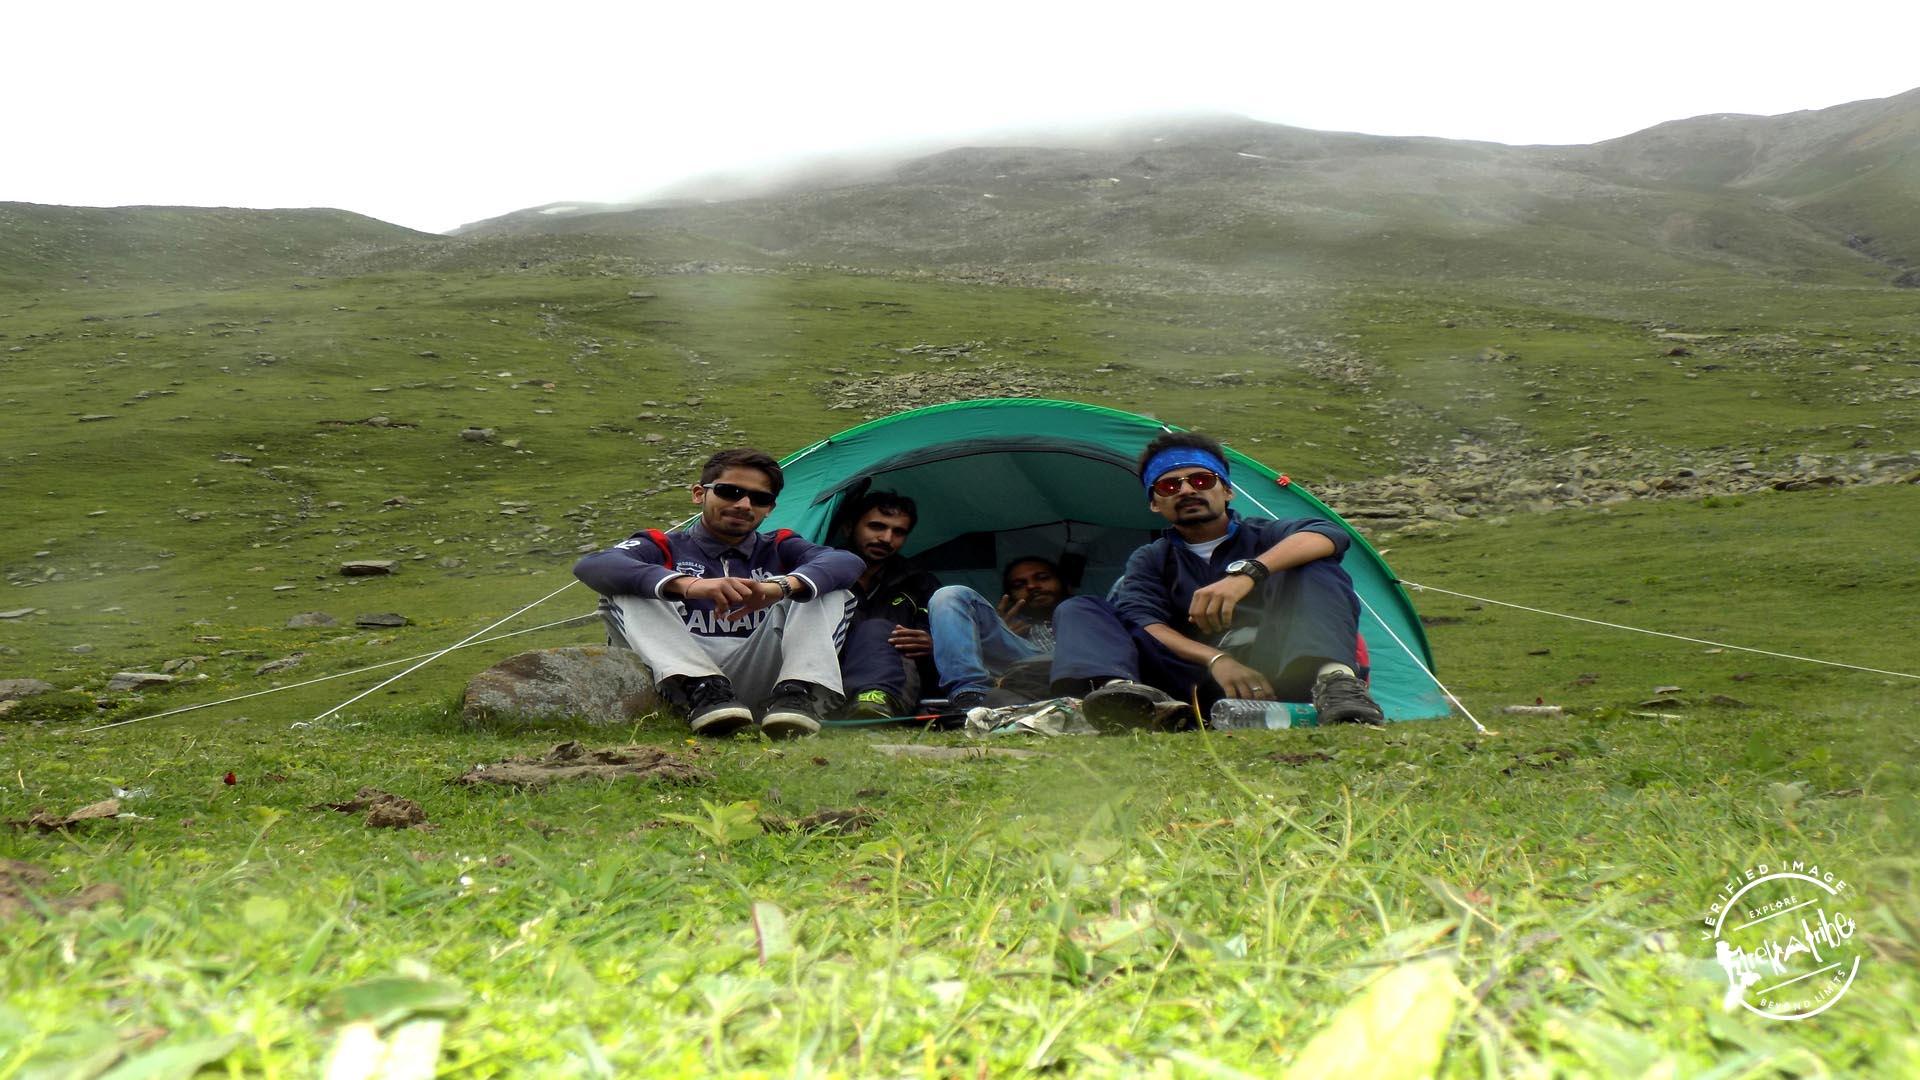 Rupin Camping Gaurav PalJPG - Trekatribe